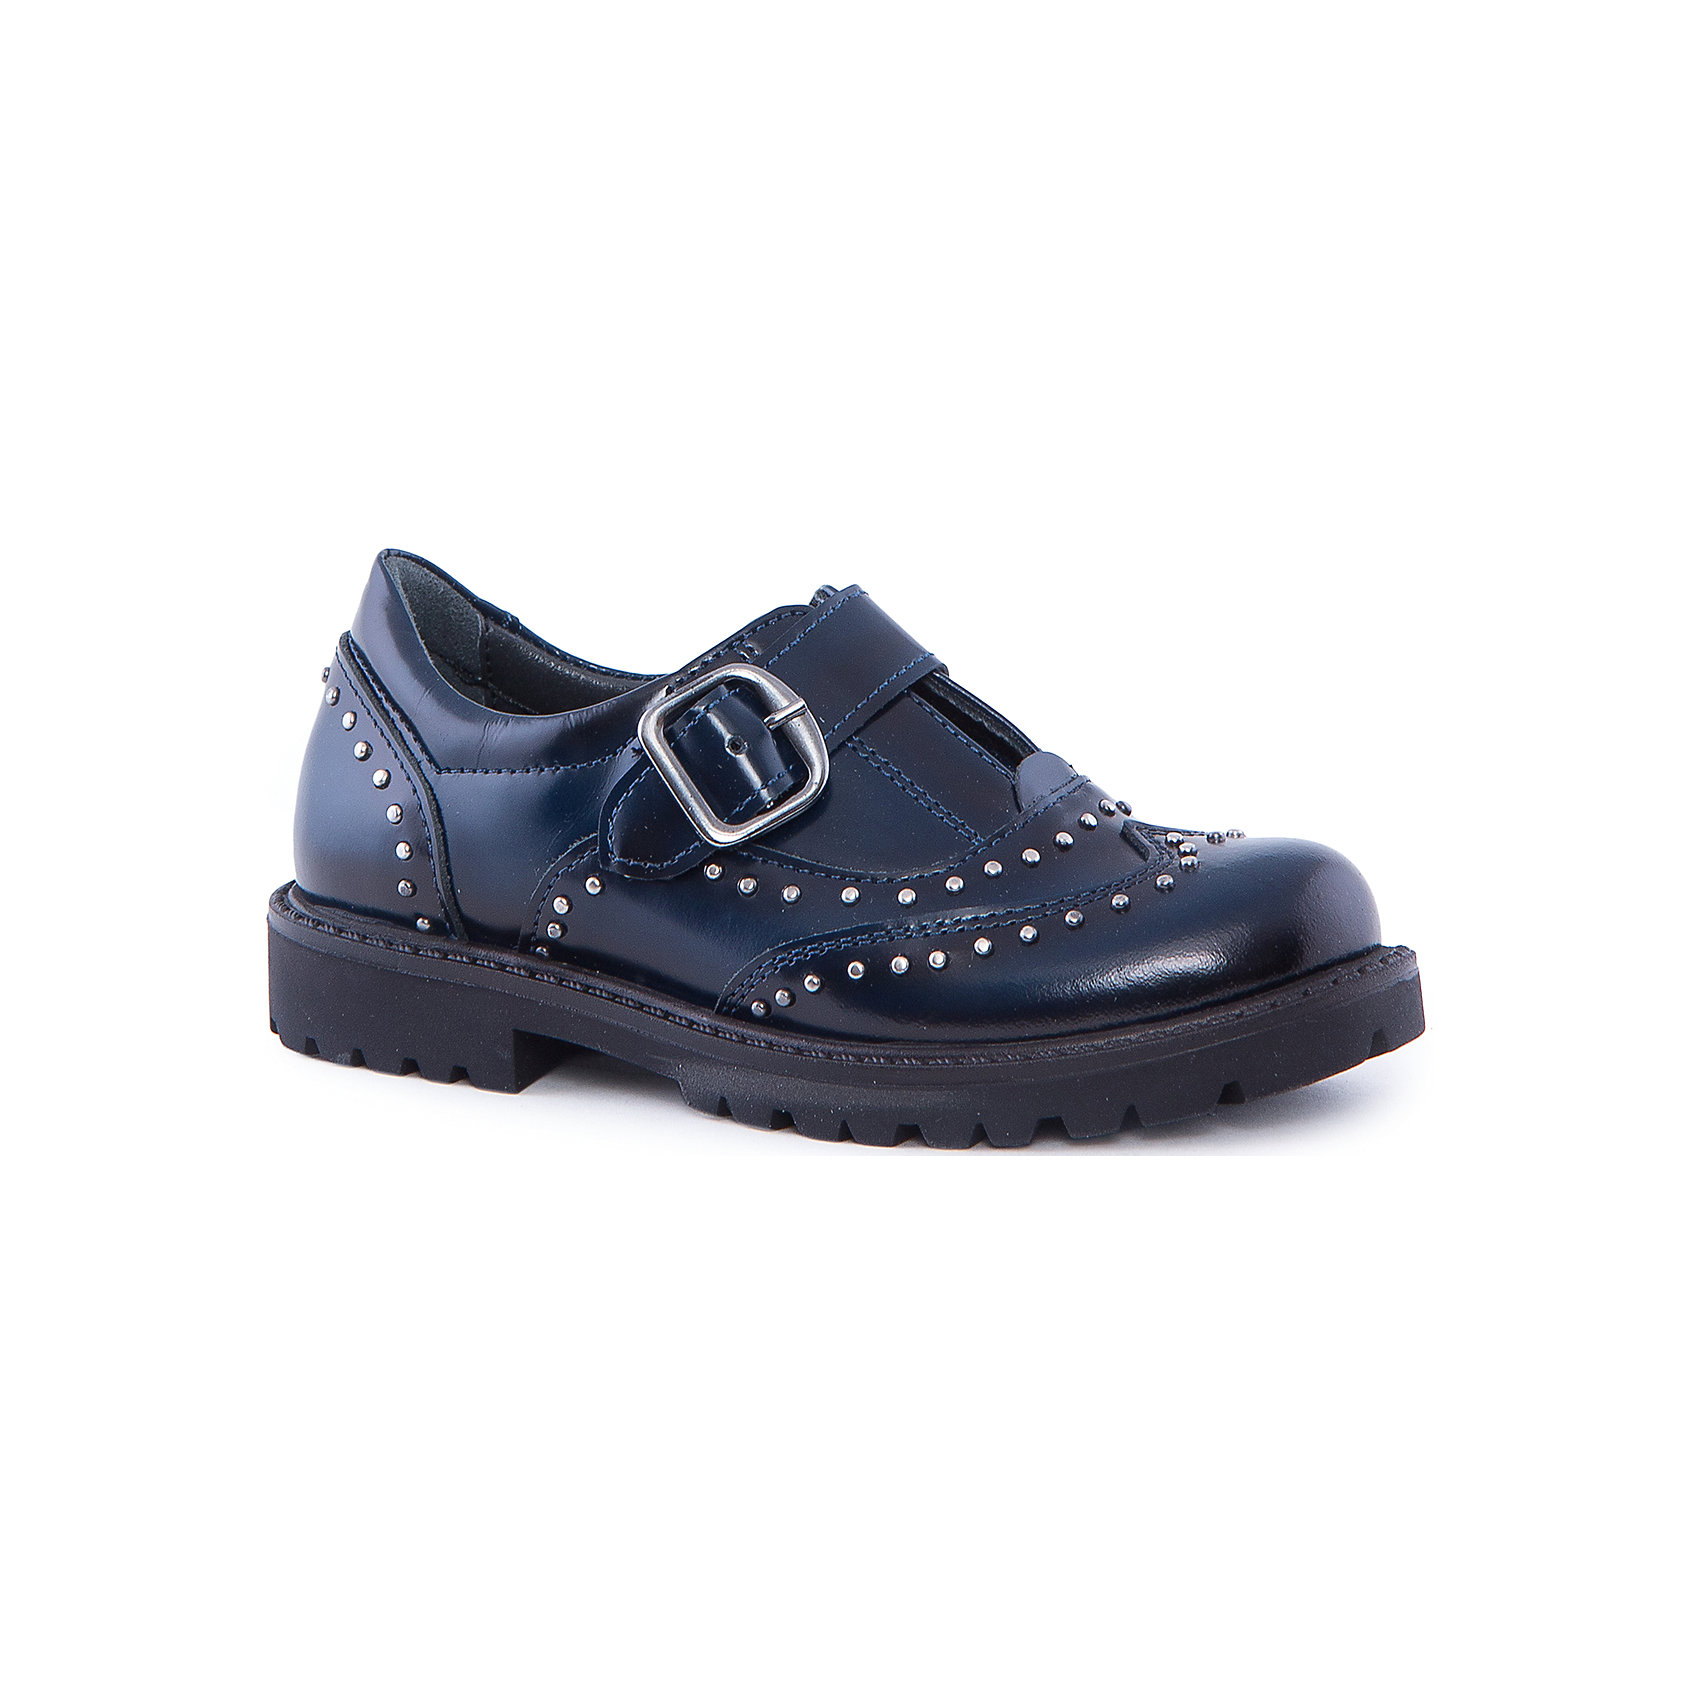 Ботинки для девочки MinimenОбувь<br>Ботинки из натуральной кожи от Minimen. Эти ботинки имеют плотную резиновую подошву, исключающую намокание ног у ребенка. Ортопедическая стелька поможет избежать плоскостопия. Двойная прошивка швов обеспечит долговечность обуви. Ботиночки застегиваются с помощью ремешка, украшены стразами.<br><br>Дополнительная информация:<br>Стелька: супинатор<br>Цвет: синий<br>Сезон: осень-зима<br>Материал: 100% кожа<br><br>Полуботинки Minimen вы можете купить в нашем интернет-магазине.<br><br>Ширина мм: 262<br>Глубина мм: 176<br>Высота мм: 97<br>Вес г: 427<br>Цвет: синий<br>Возраст от месяцев: 48<br>Возраст до месяцев: 60<br>Пол: Женский<br>Возраст: Детский<br>Размер: 28,30,26,27,29<br>SKU: 4969894